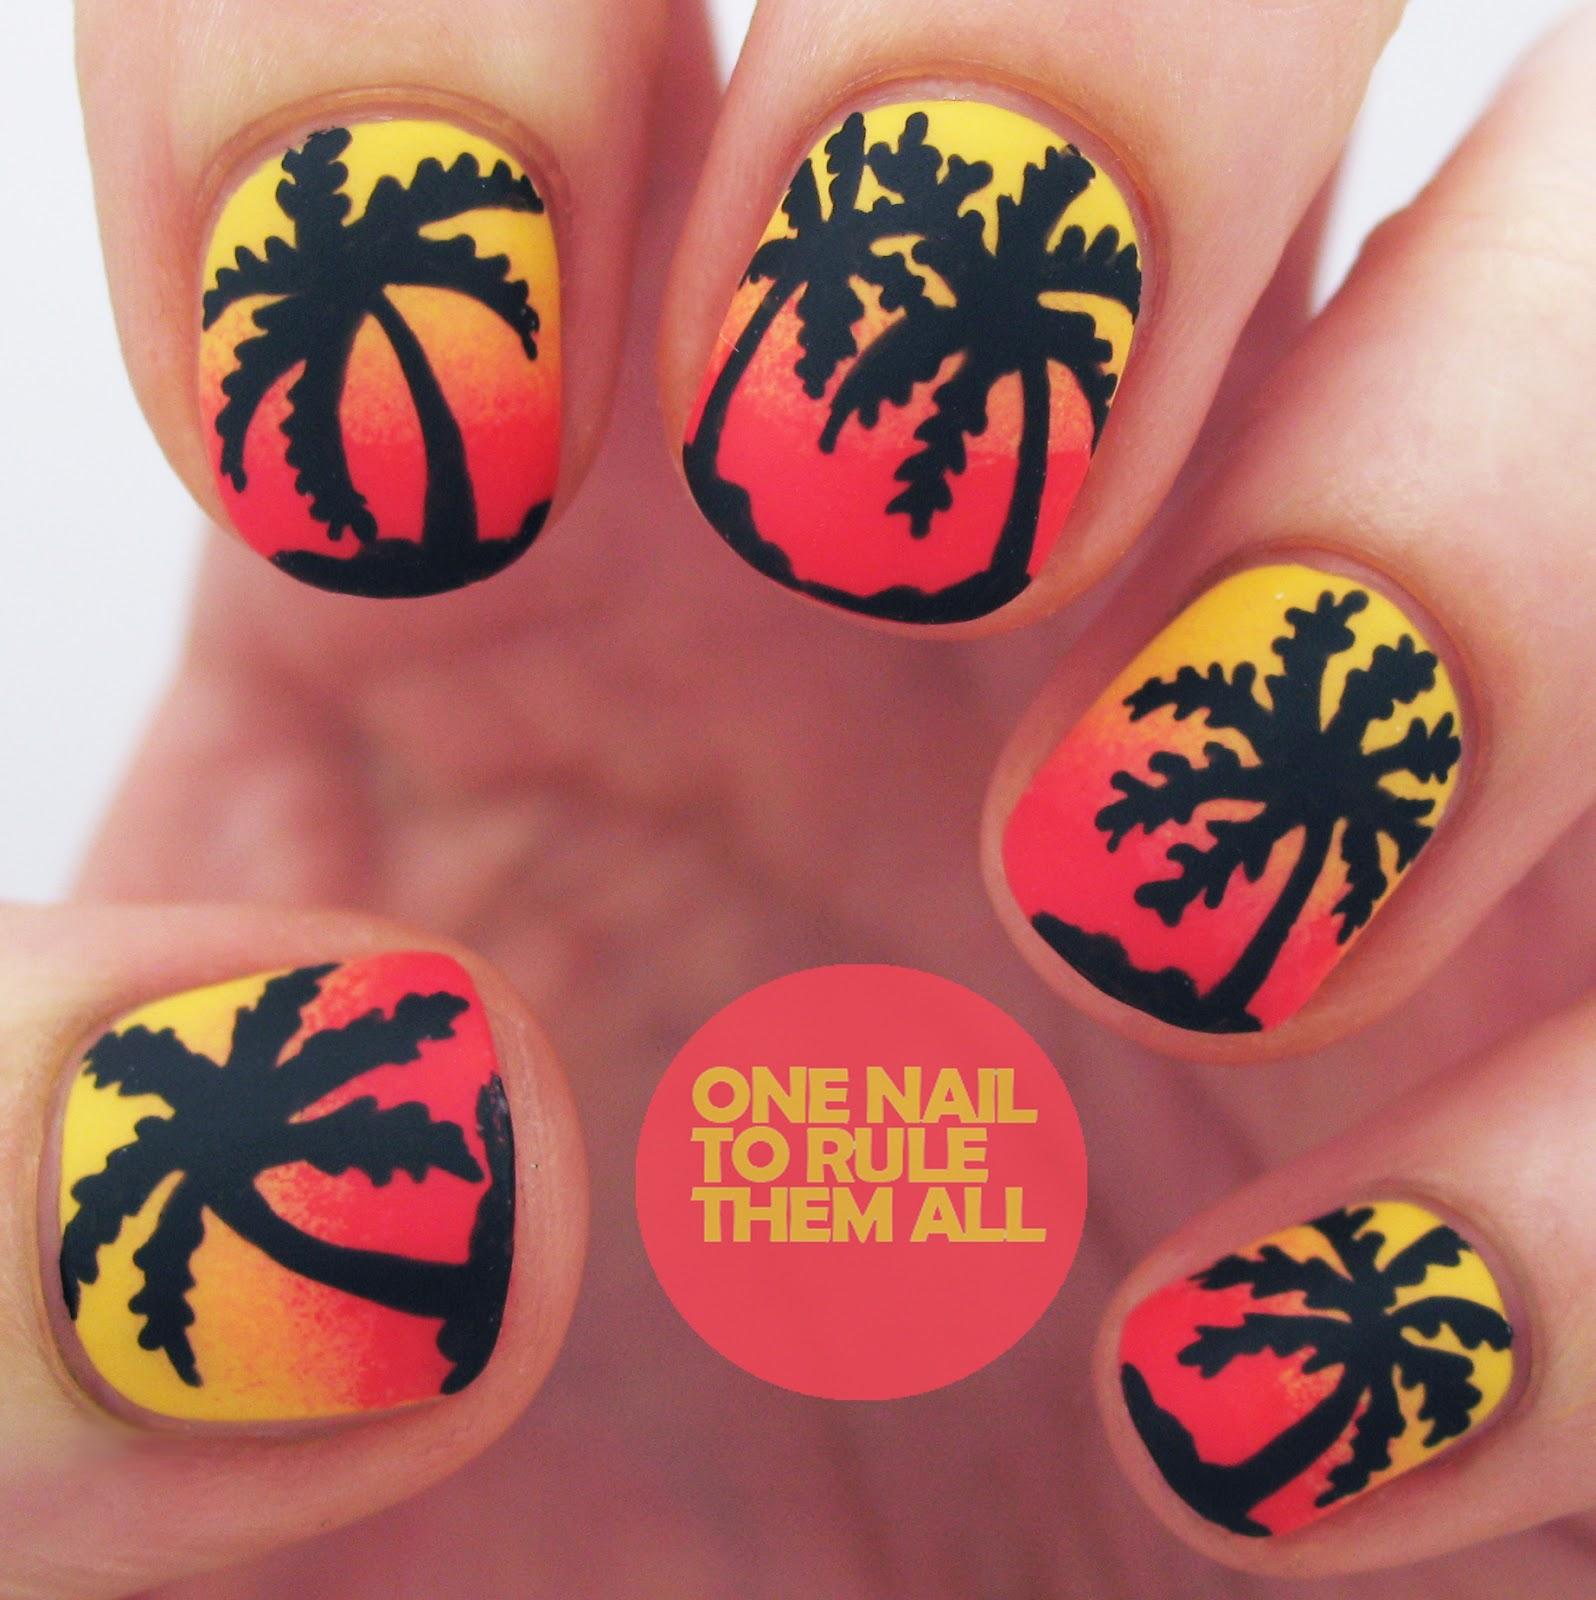 Nail Art - Magazine cover